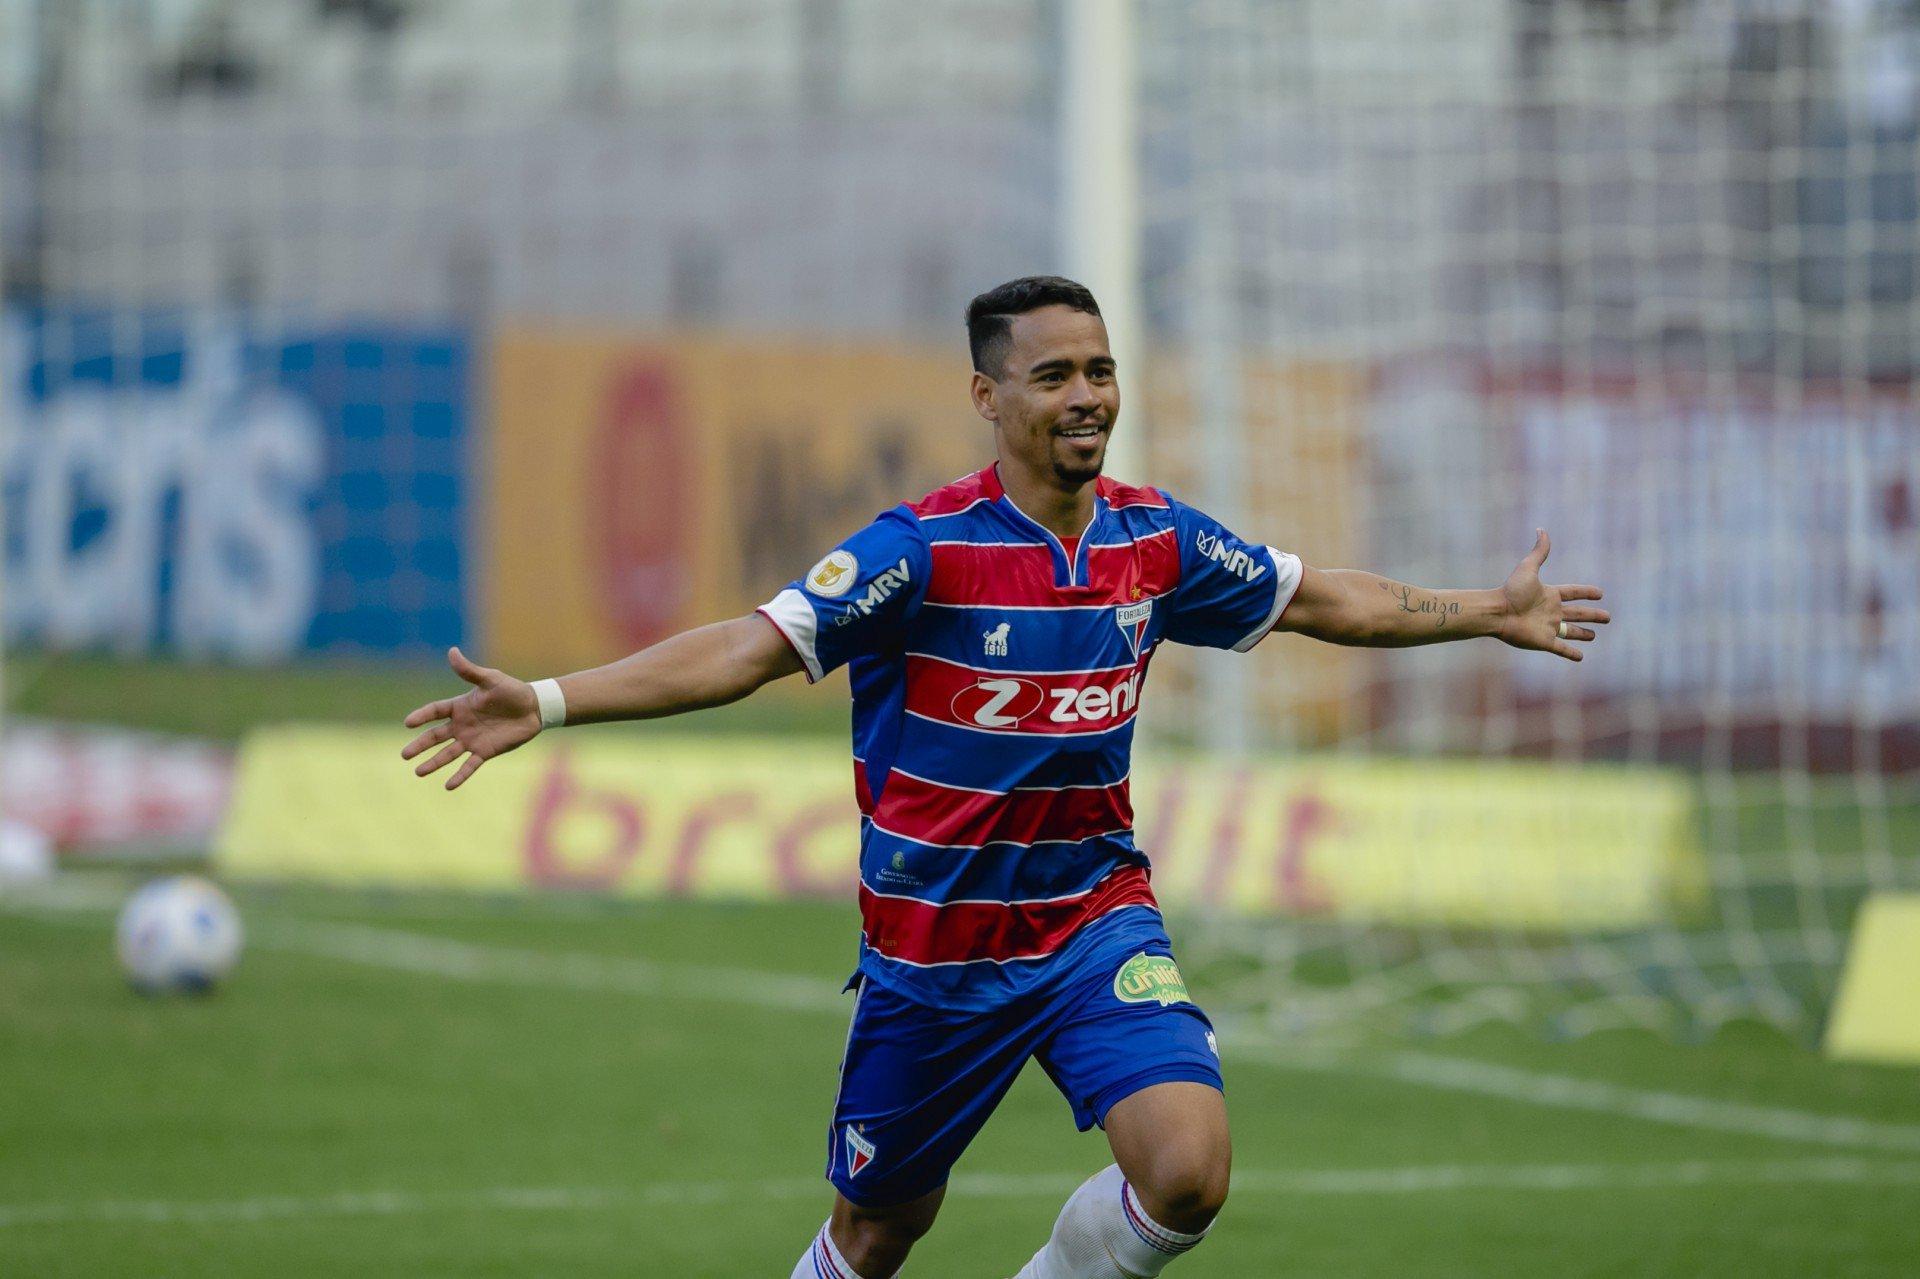 Pikachu é vice-artilheiro do Fortaleza na Série A, com 4 gols  (Foto: Aurelio Alves)